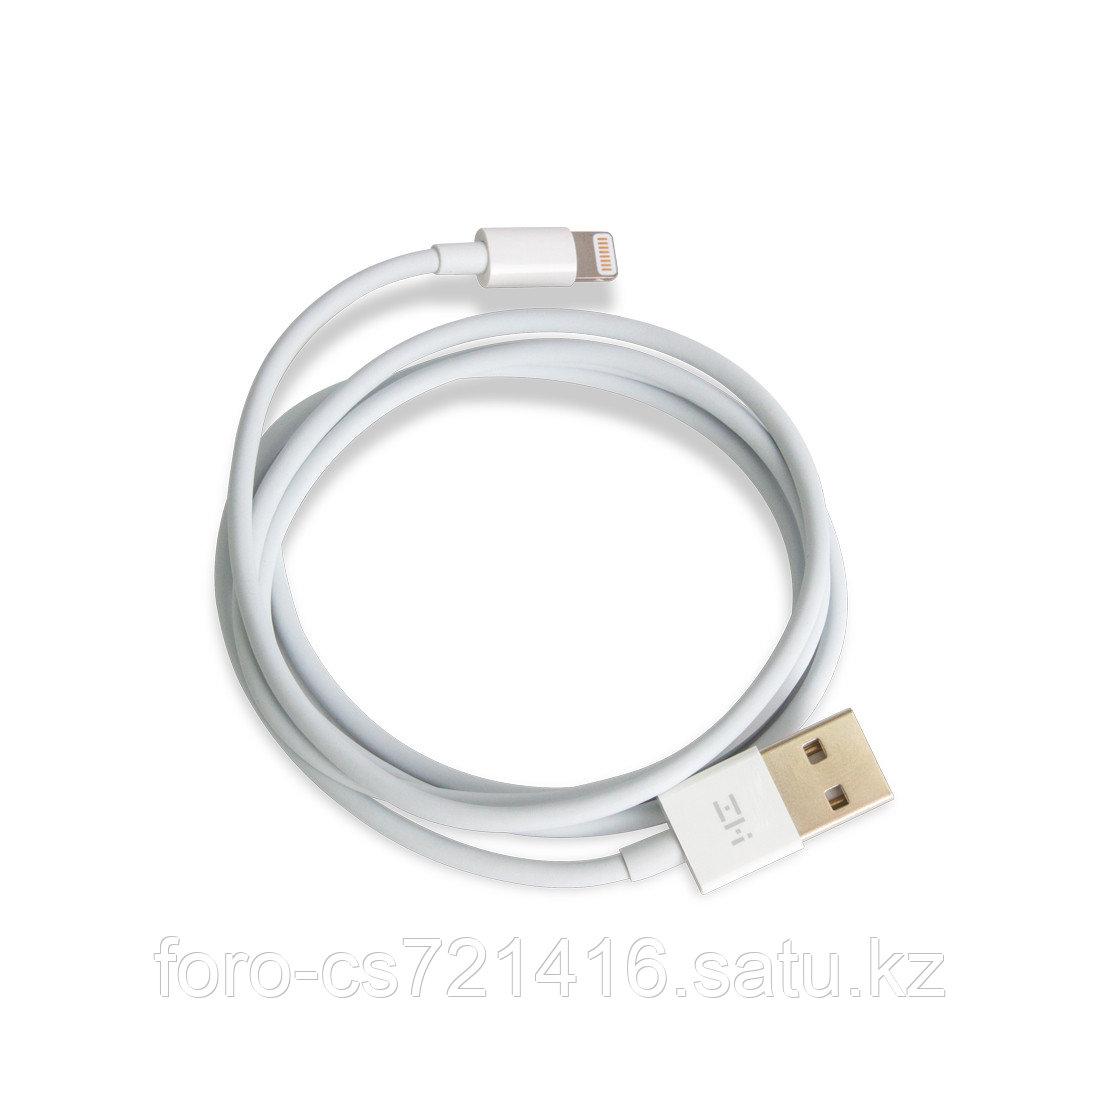 Интерфейсный кабель USB-Lightning Xiaomi ZMI AL813 100 см Белый - фото 2